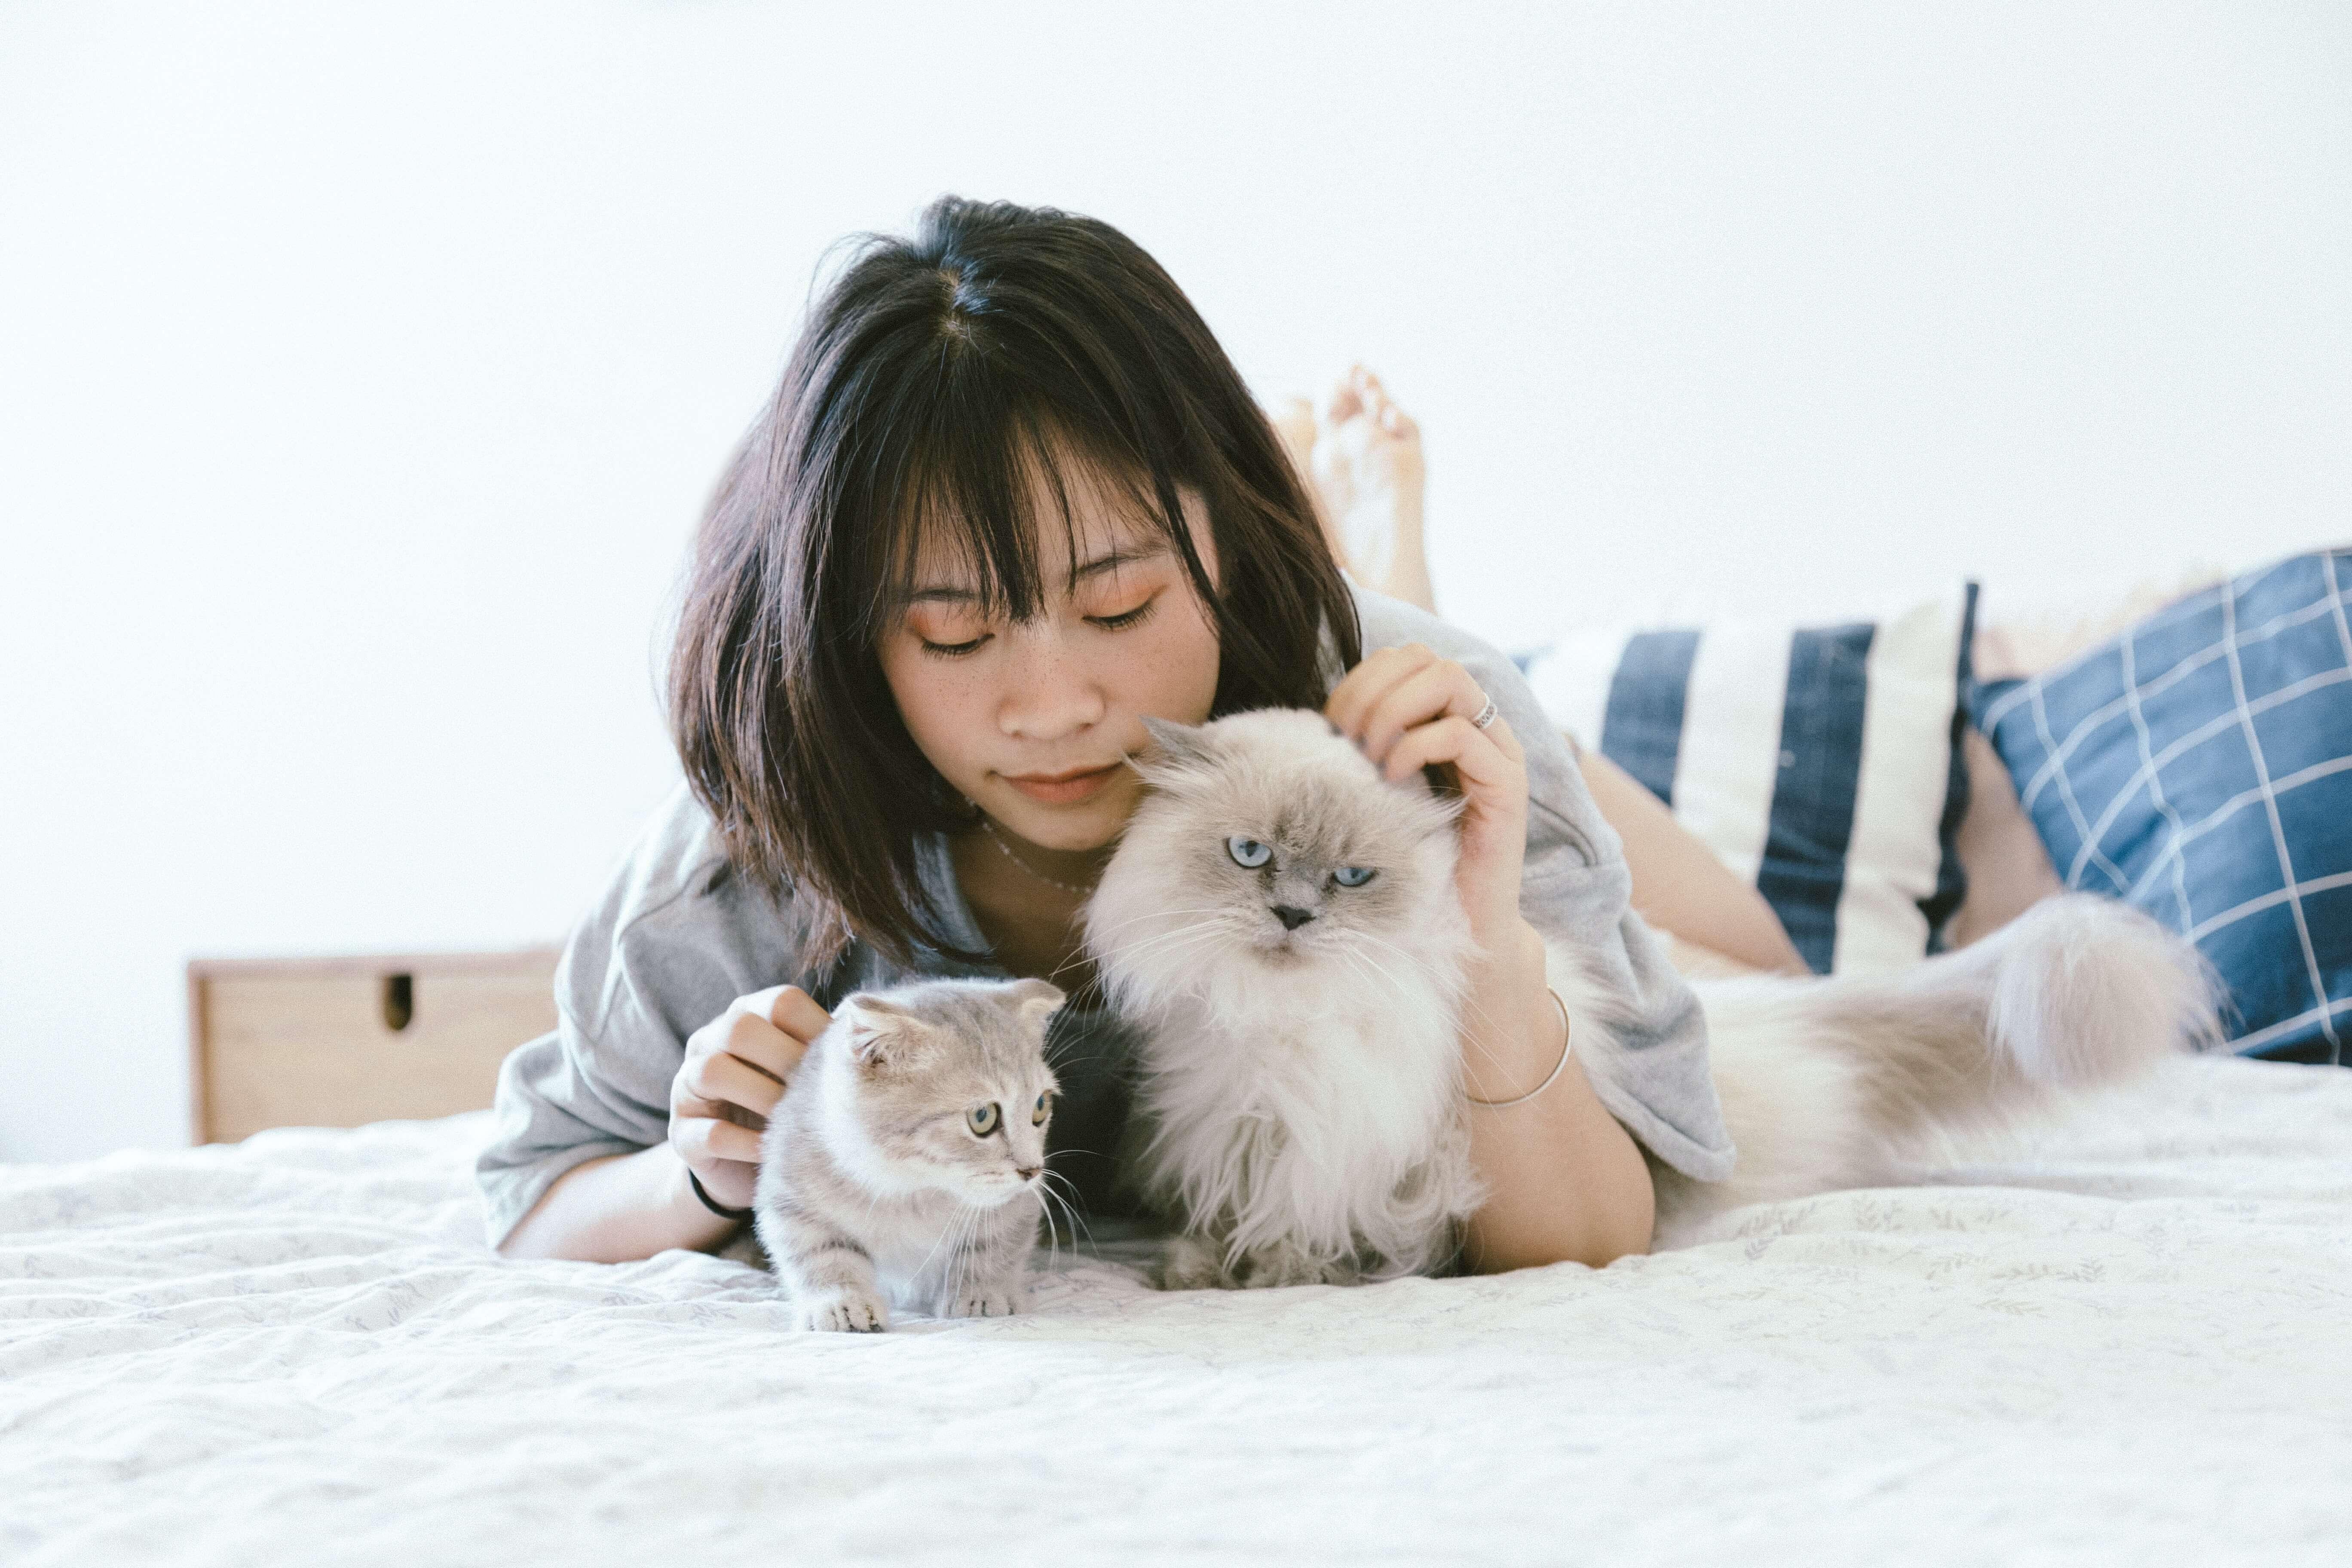 成年人要想辦法避開造成過敏的原因,不能把所有事情都怪在貓身上